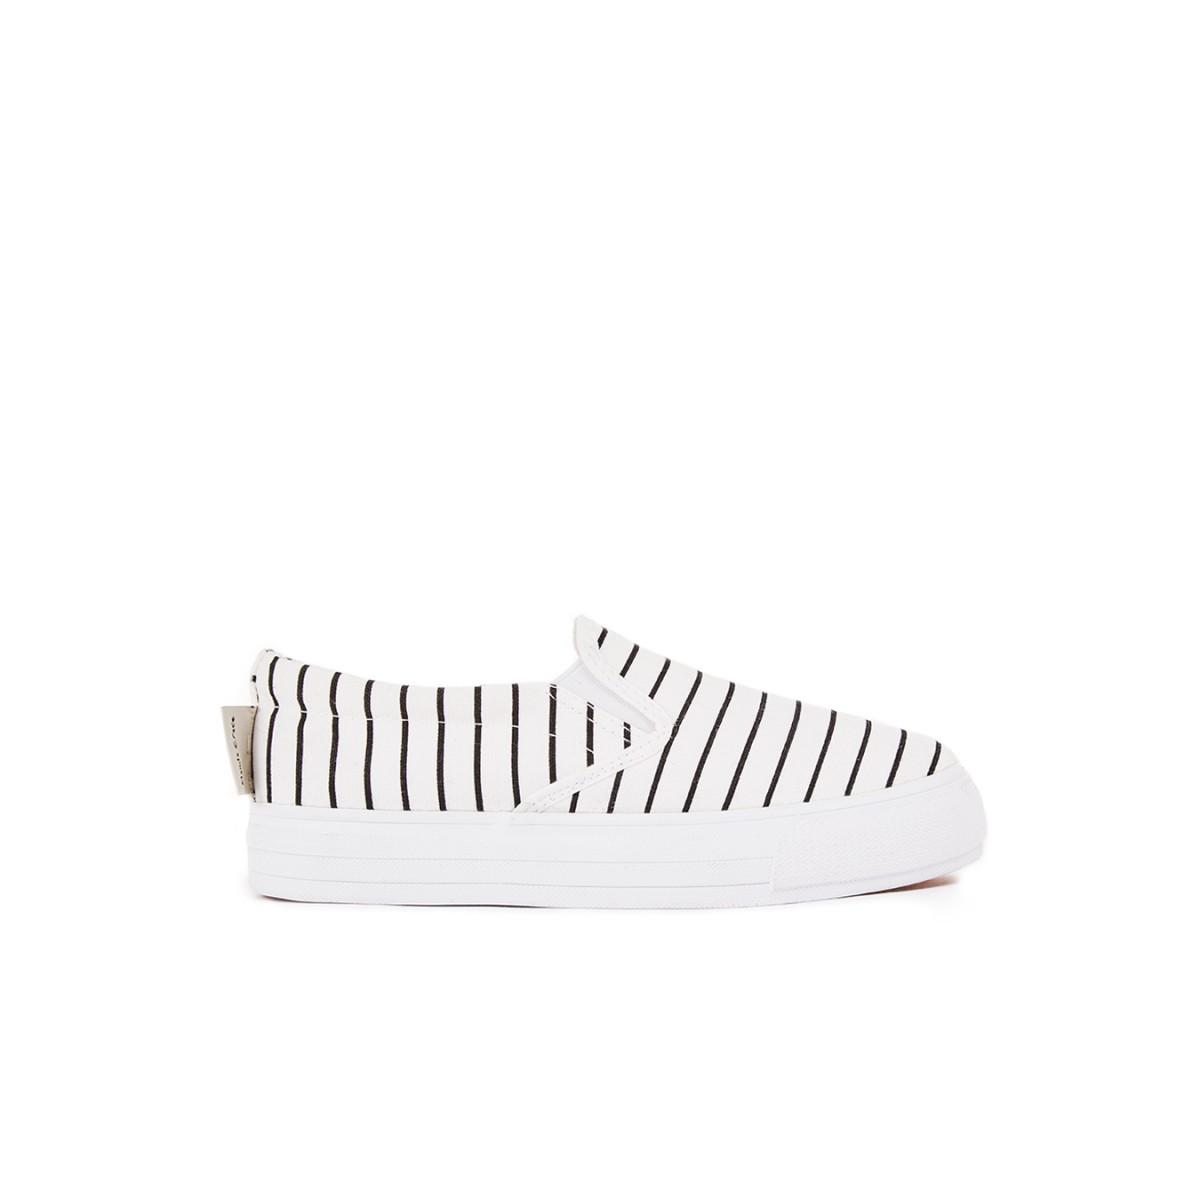 sneakers-elastico-czeppa